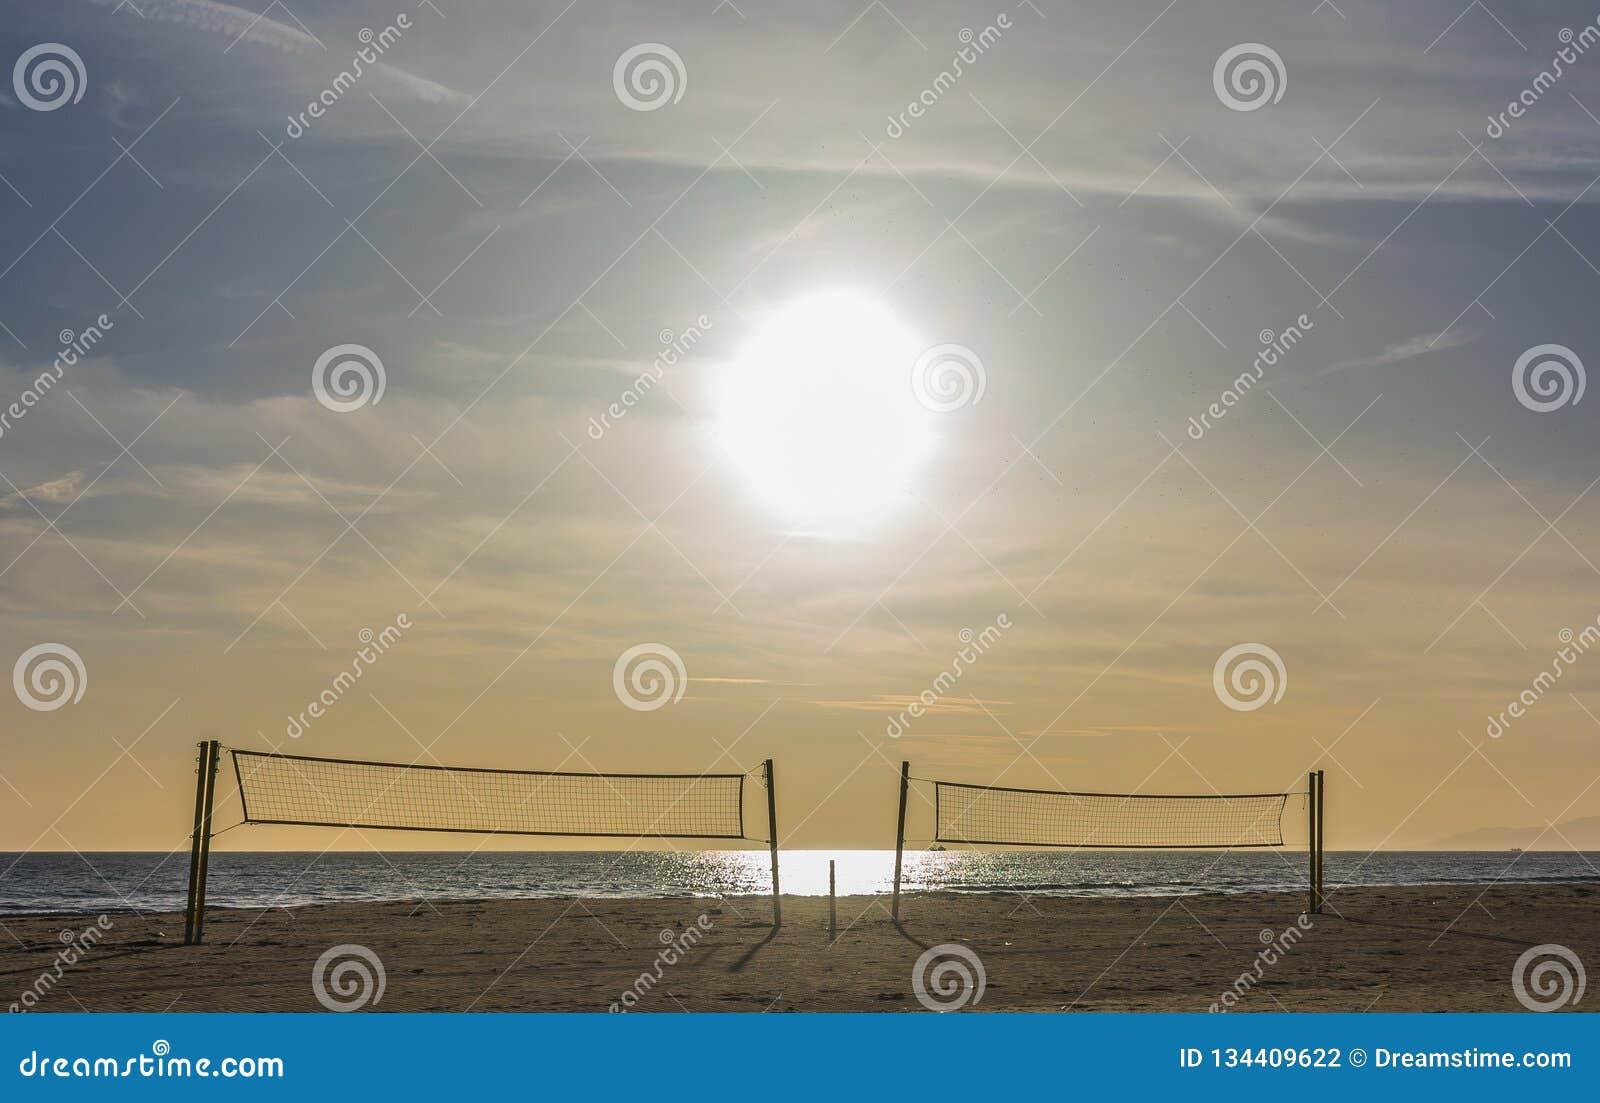 Суд пляжа волейбола под солнечным днем